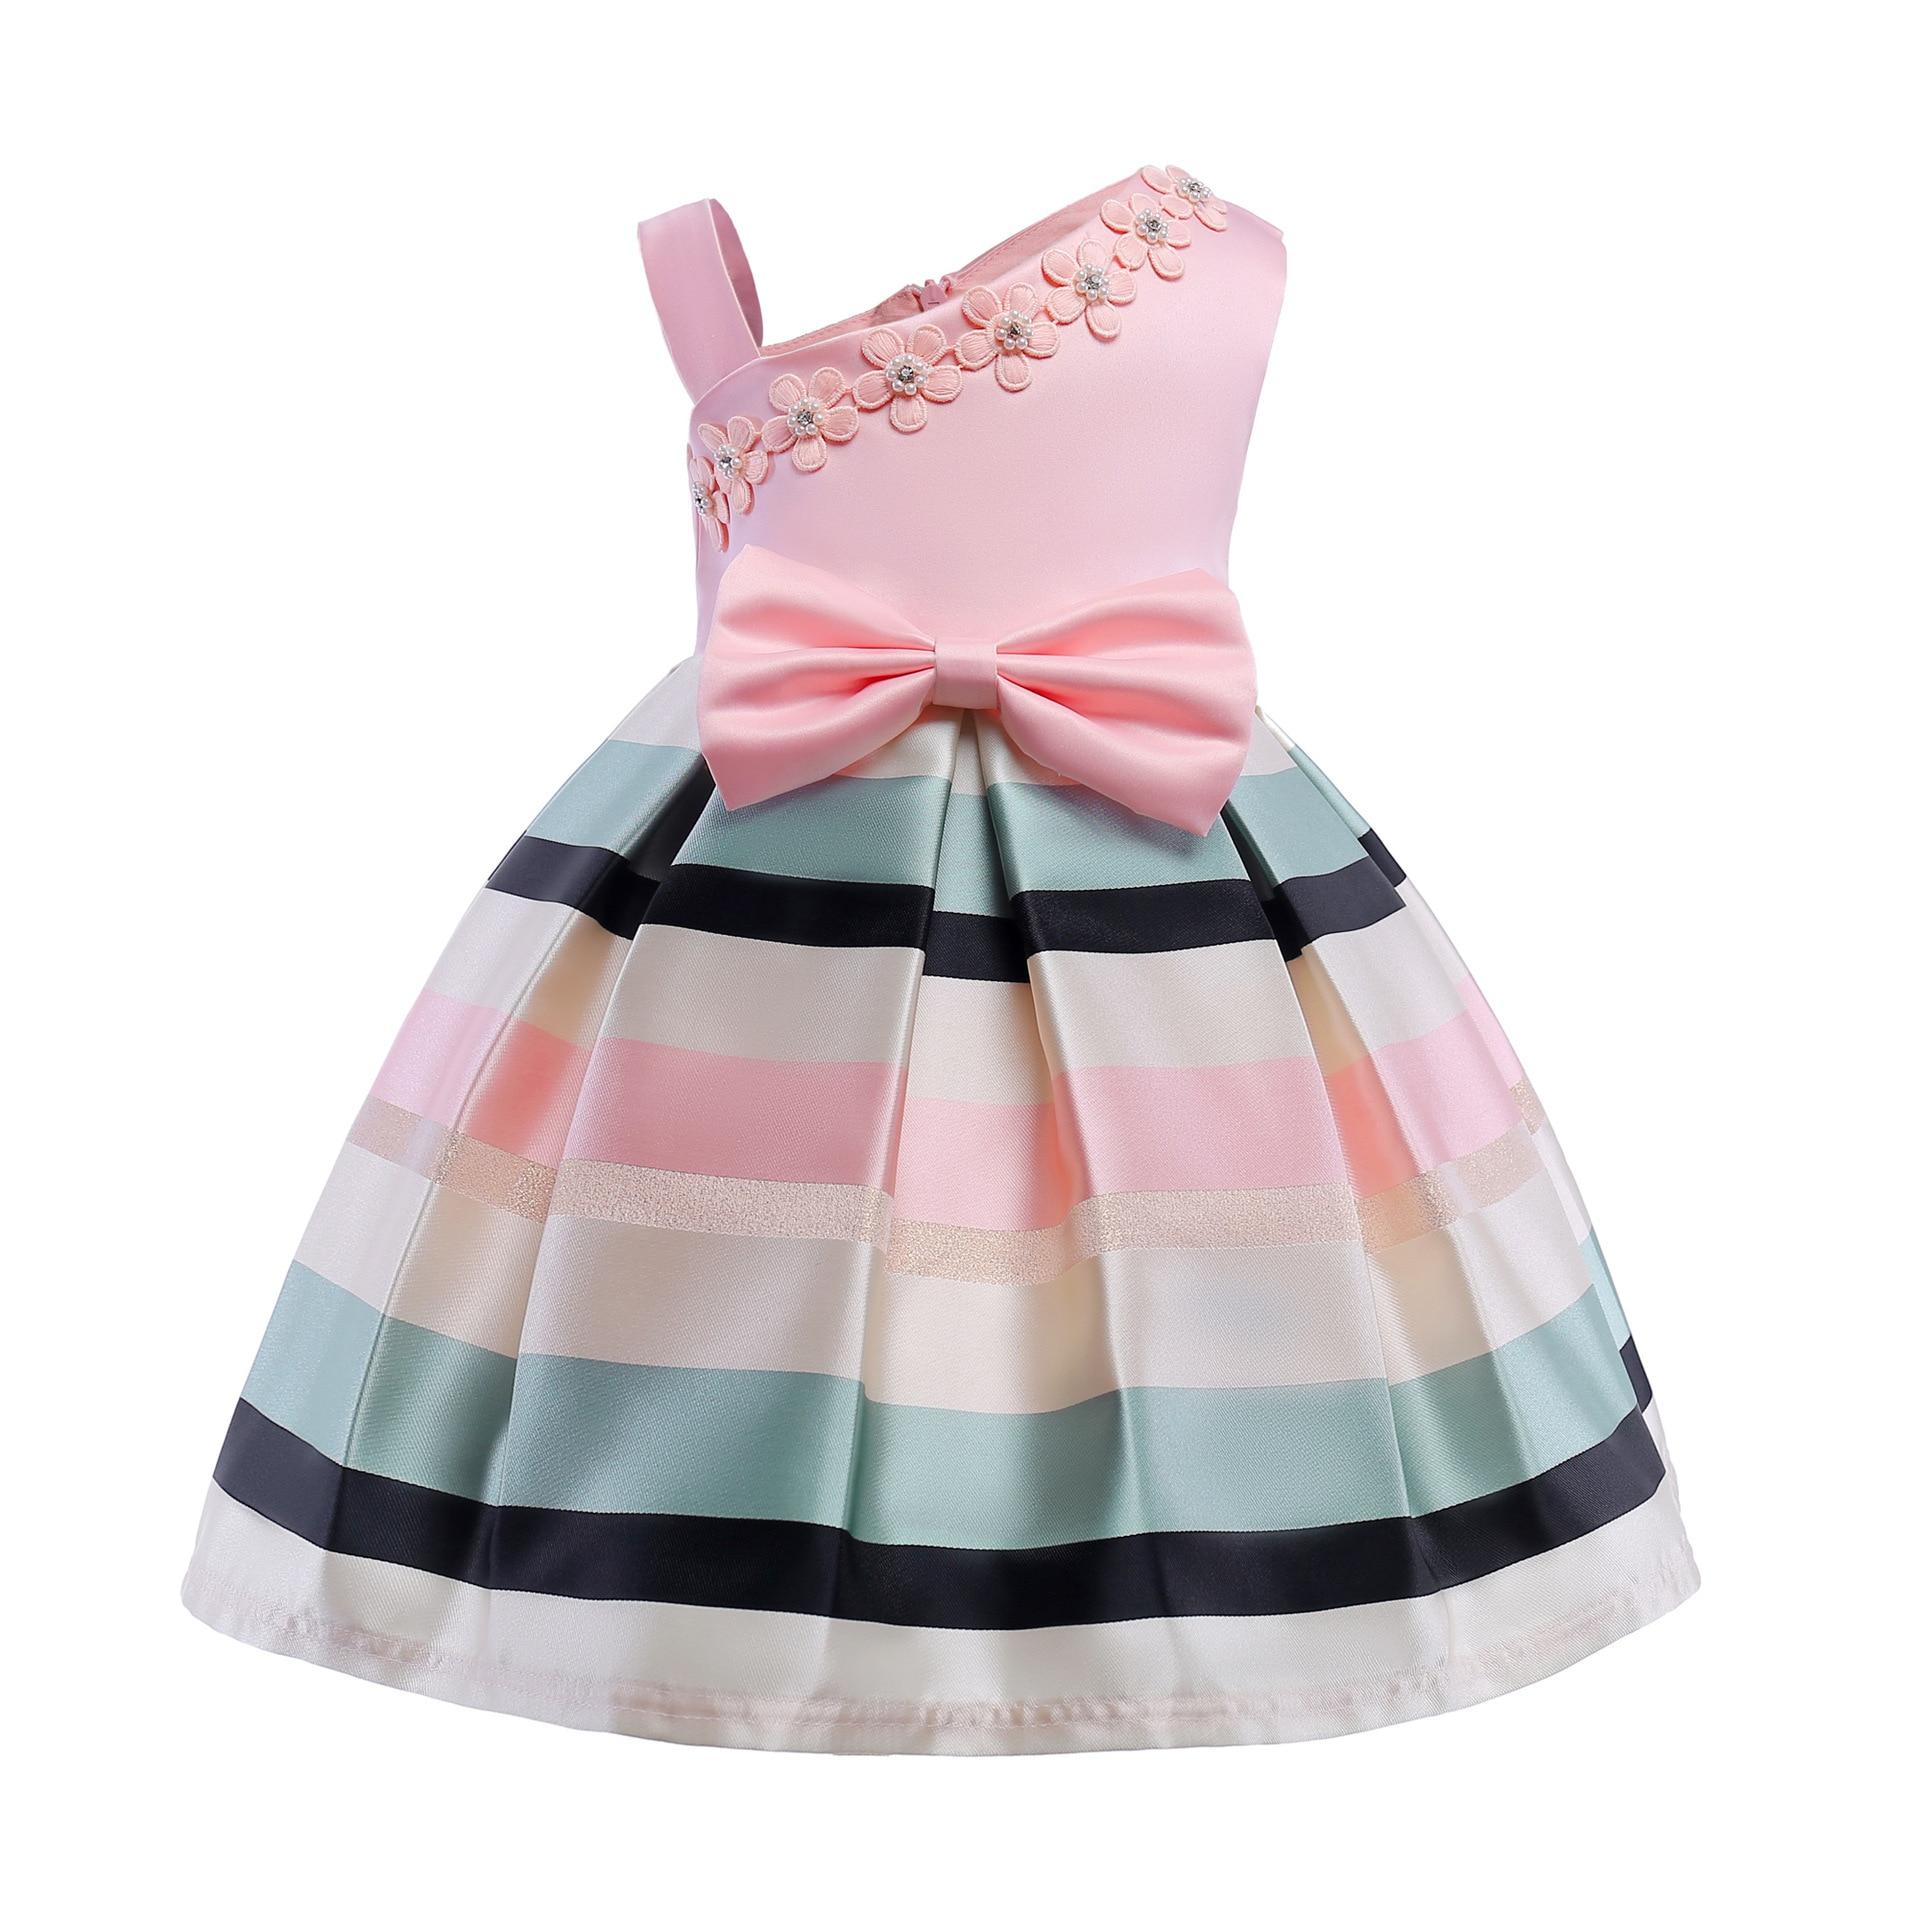 2018 Spring Summer Baby Girls Dresses Age 3-10T Pink Tutu Dress Pearl Flower Princess Girl Dress Single Shoulder Children Dress